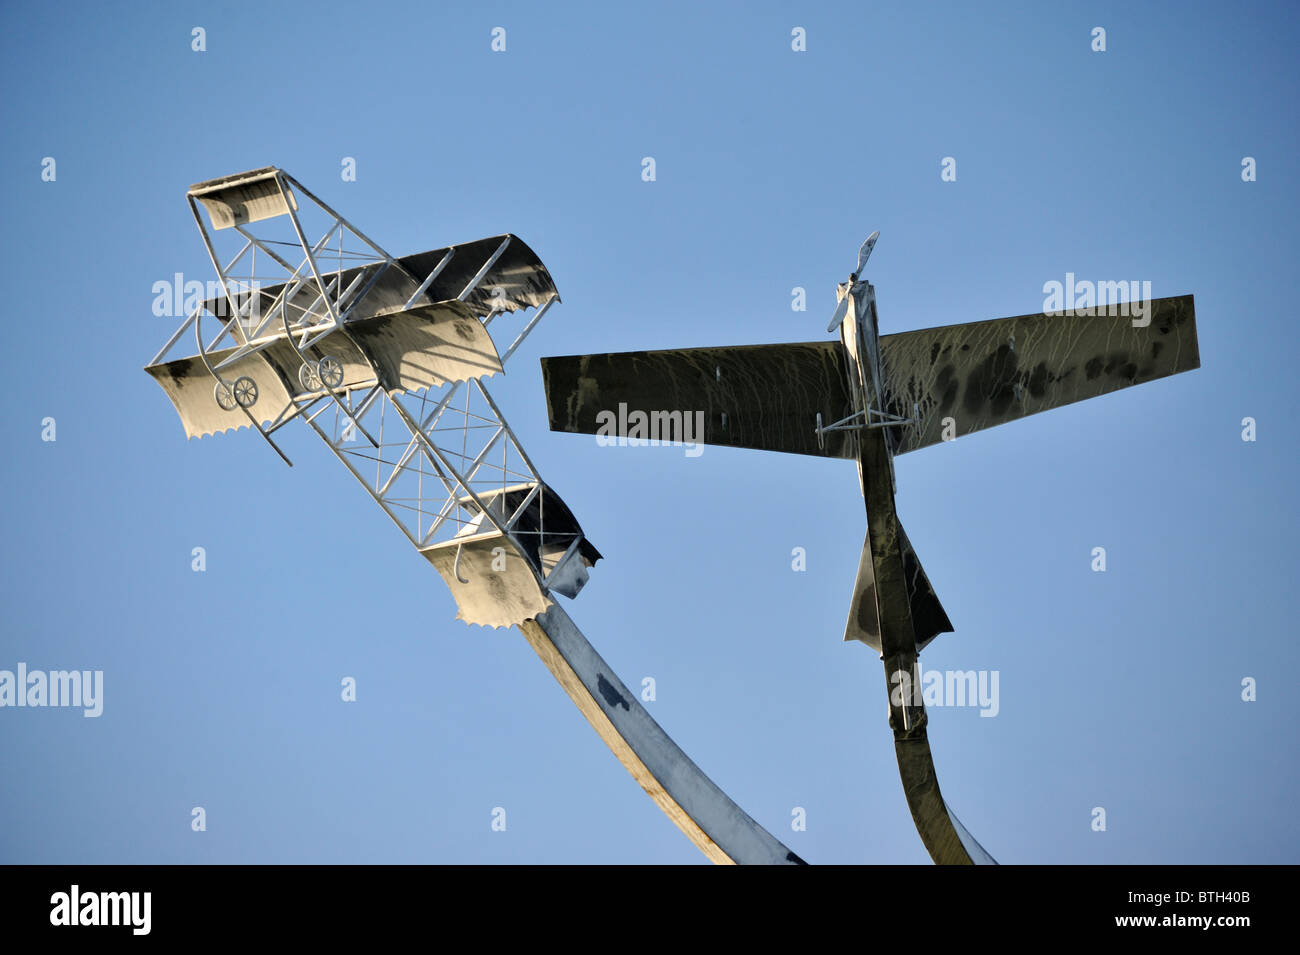 """Escultura Conmemorativa """"El espíritu de vuelo"""", (detalle). Lanark Loch, Lanark, Lanarkshire, Escocia, Reino Unido, Europa. Foto de stock"""